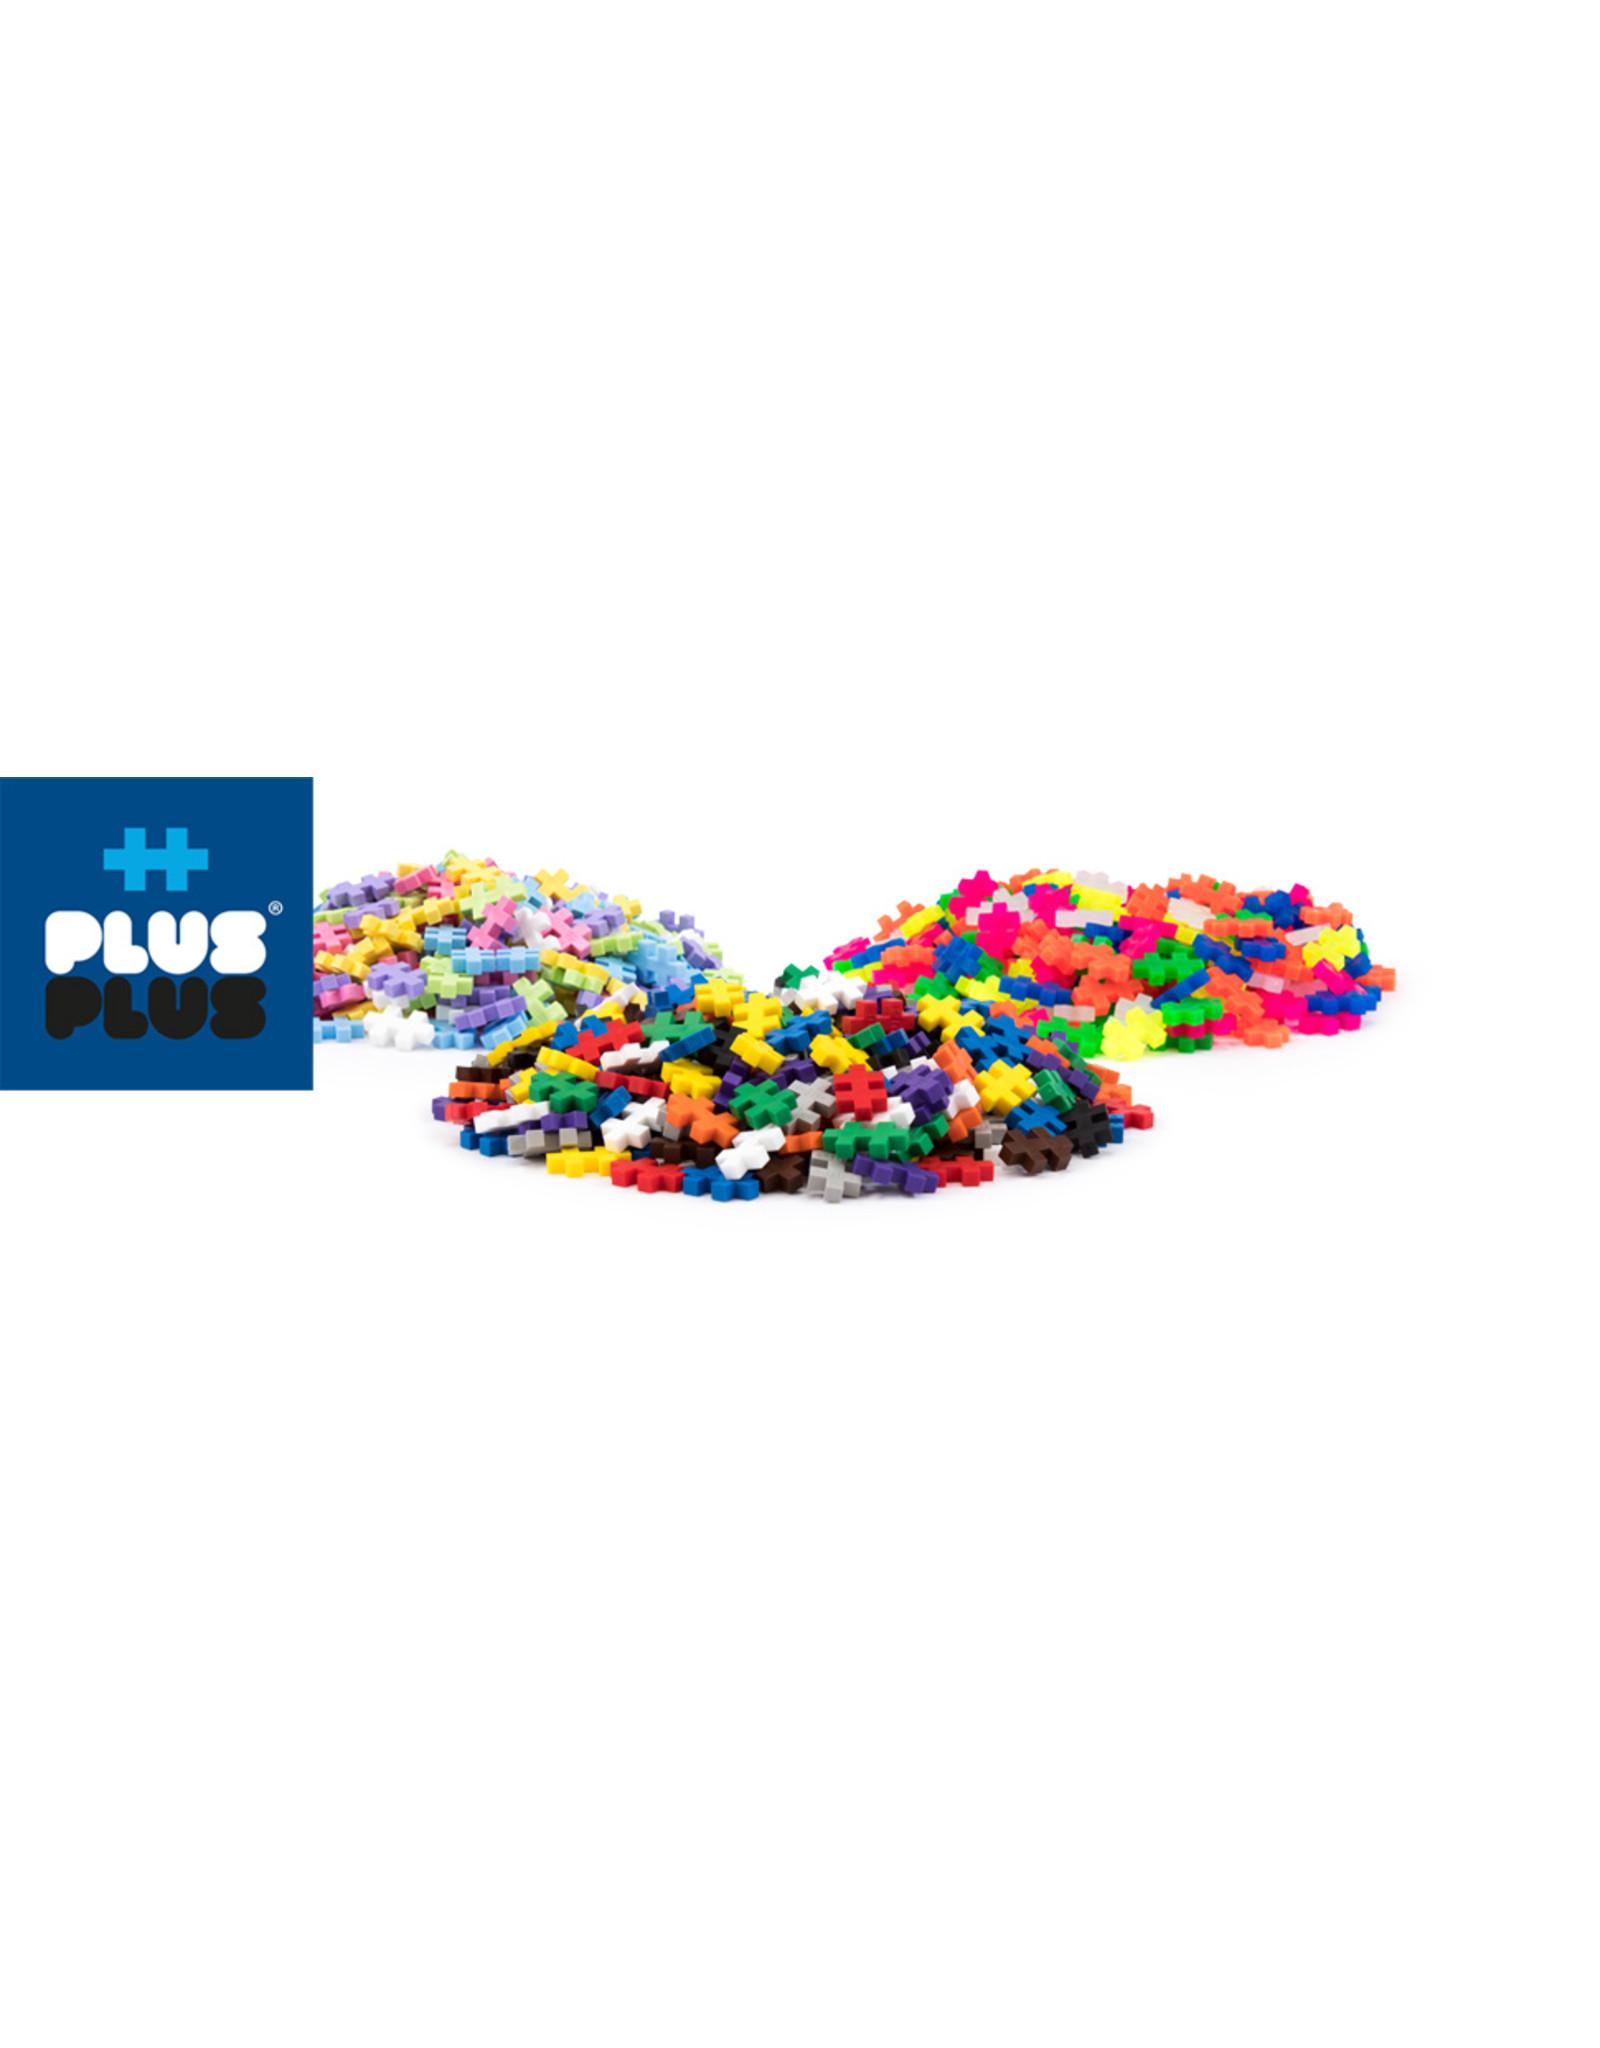 Plus-Plus Plus-Plus Tube - 240 pc Basic